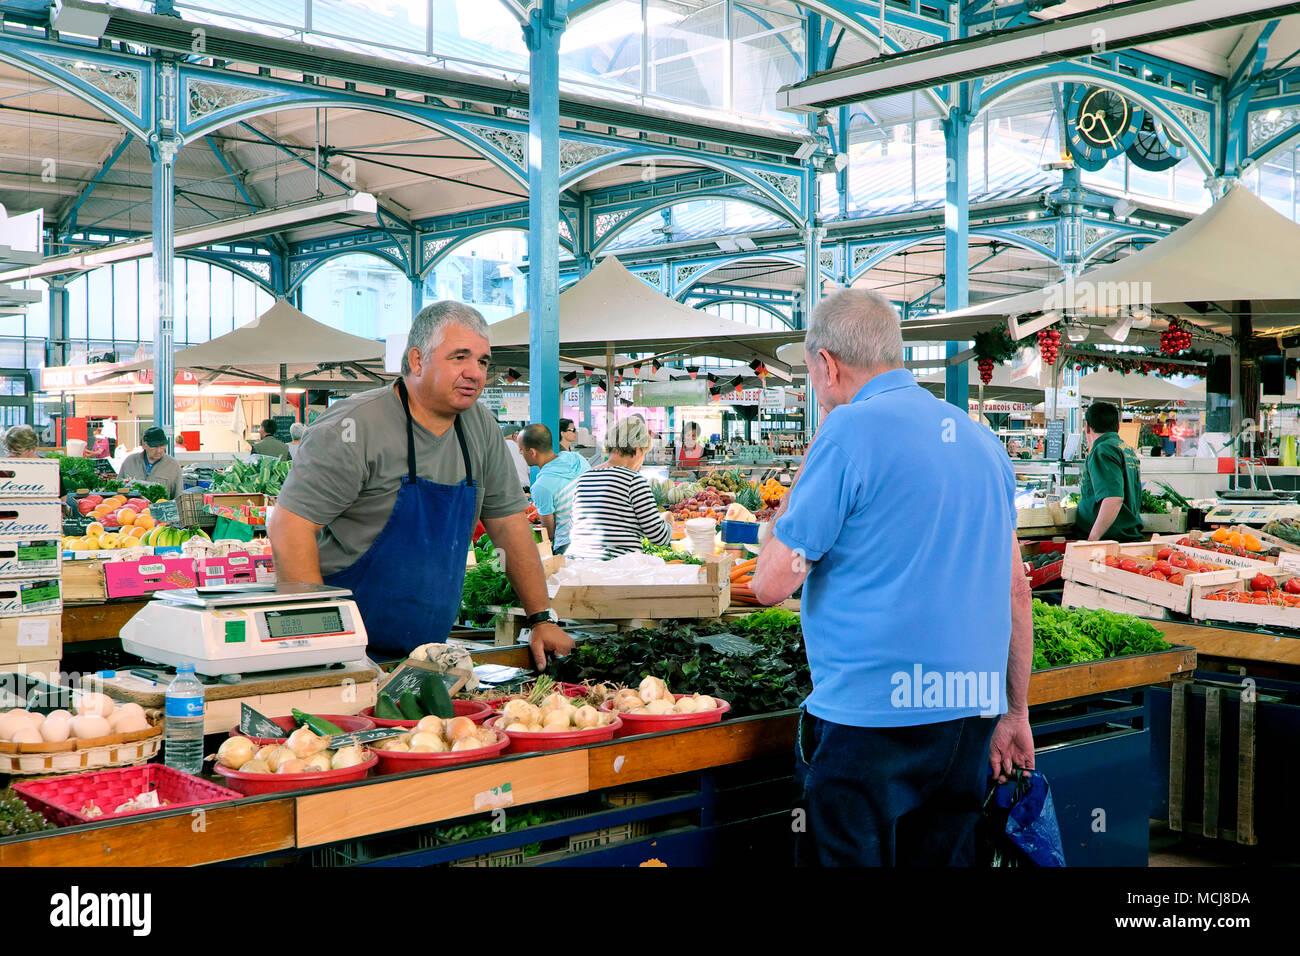 Die Indoor Halle/Les Halles Markt, Dijon, Burgund, Frankreich Stockbild